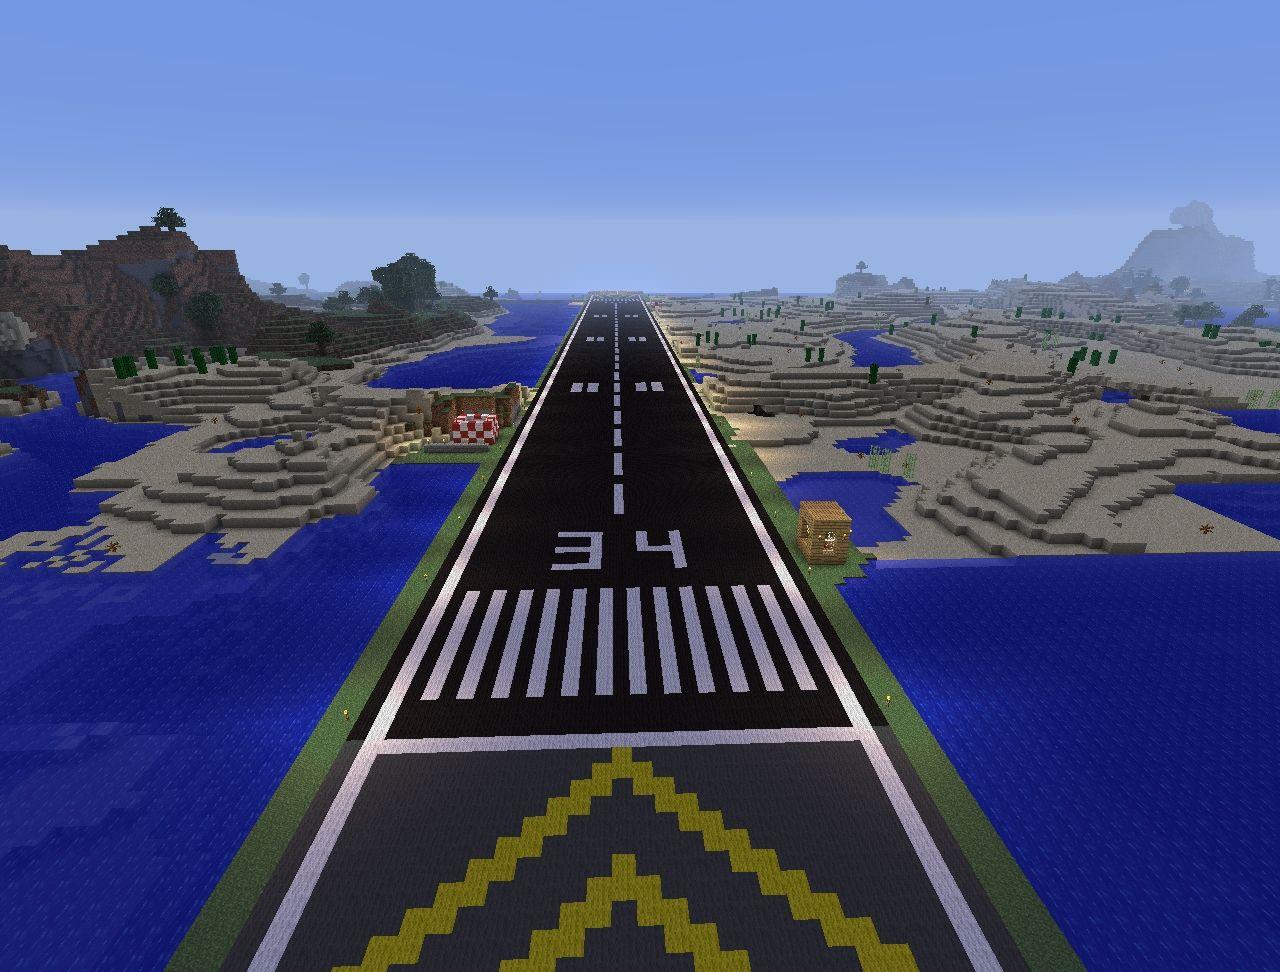 Grasmere International Airport - Runway 98/34 Minecraft ...